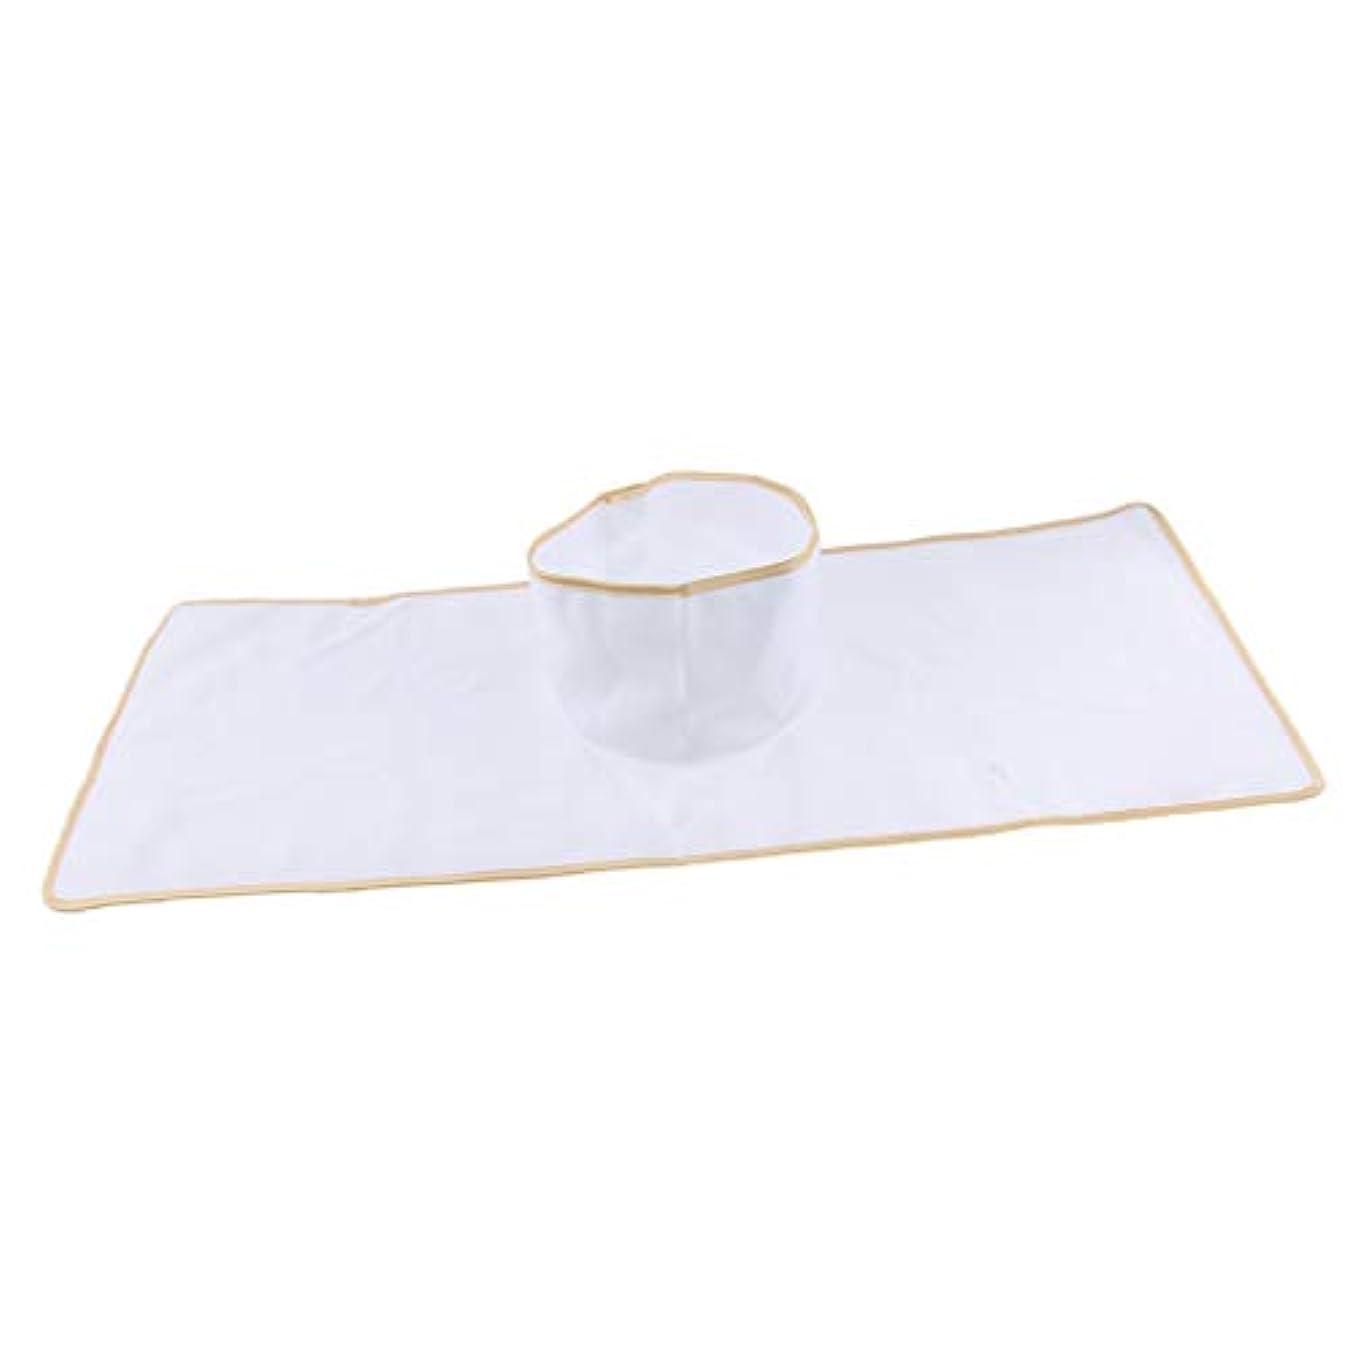 被る偶然ログサロン マッサージベッドシート 穴付き 衛生パッド 再使用可能 約90×35cm 全3色 - 白